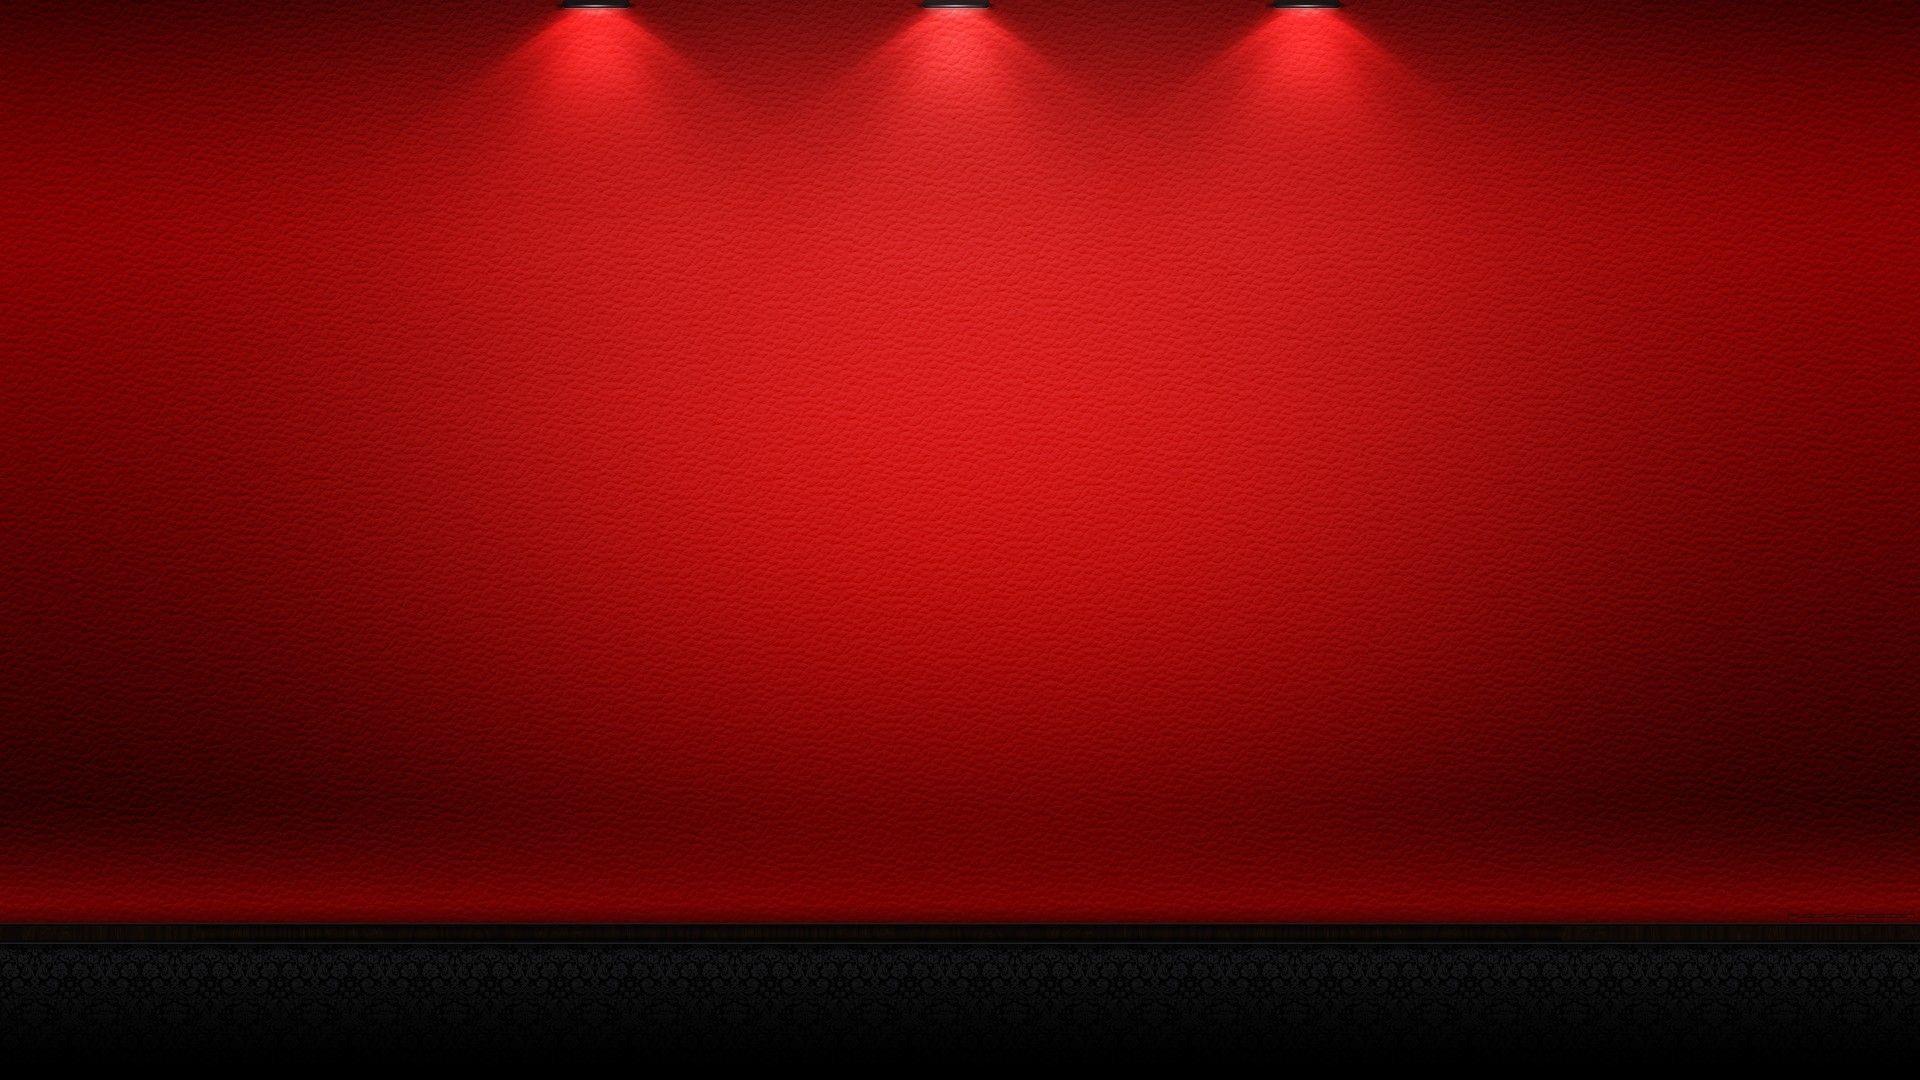 Red HD Wallpapers 1080p – WallpaperSafari